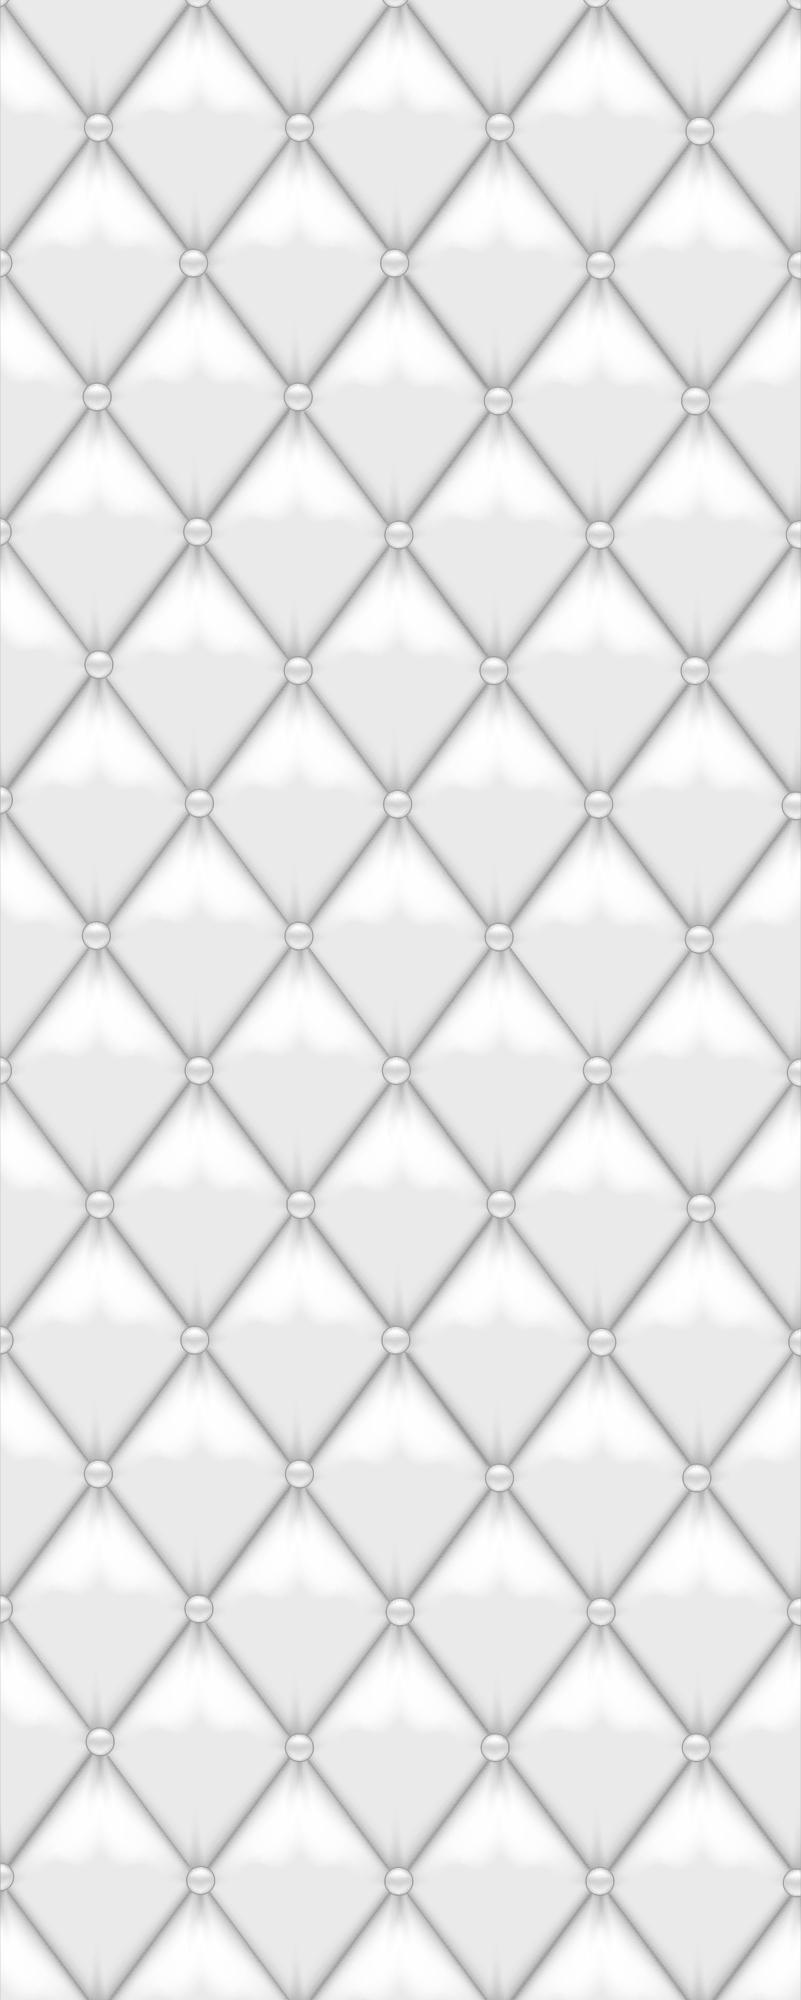 TenVinilo. Vinilo decorativo trama puerta acolchada. Vinilo adhesivo para decorar una puerta formado por un diseño simulando una textura acolchada. Atención al Cliente Personalizada.